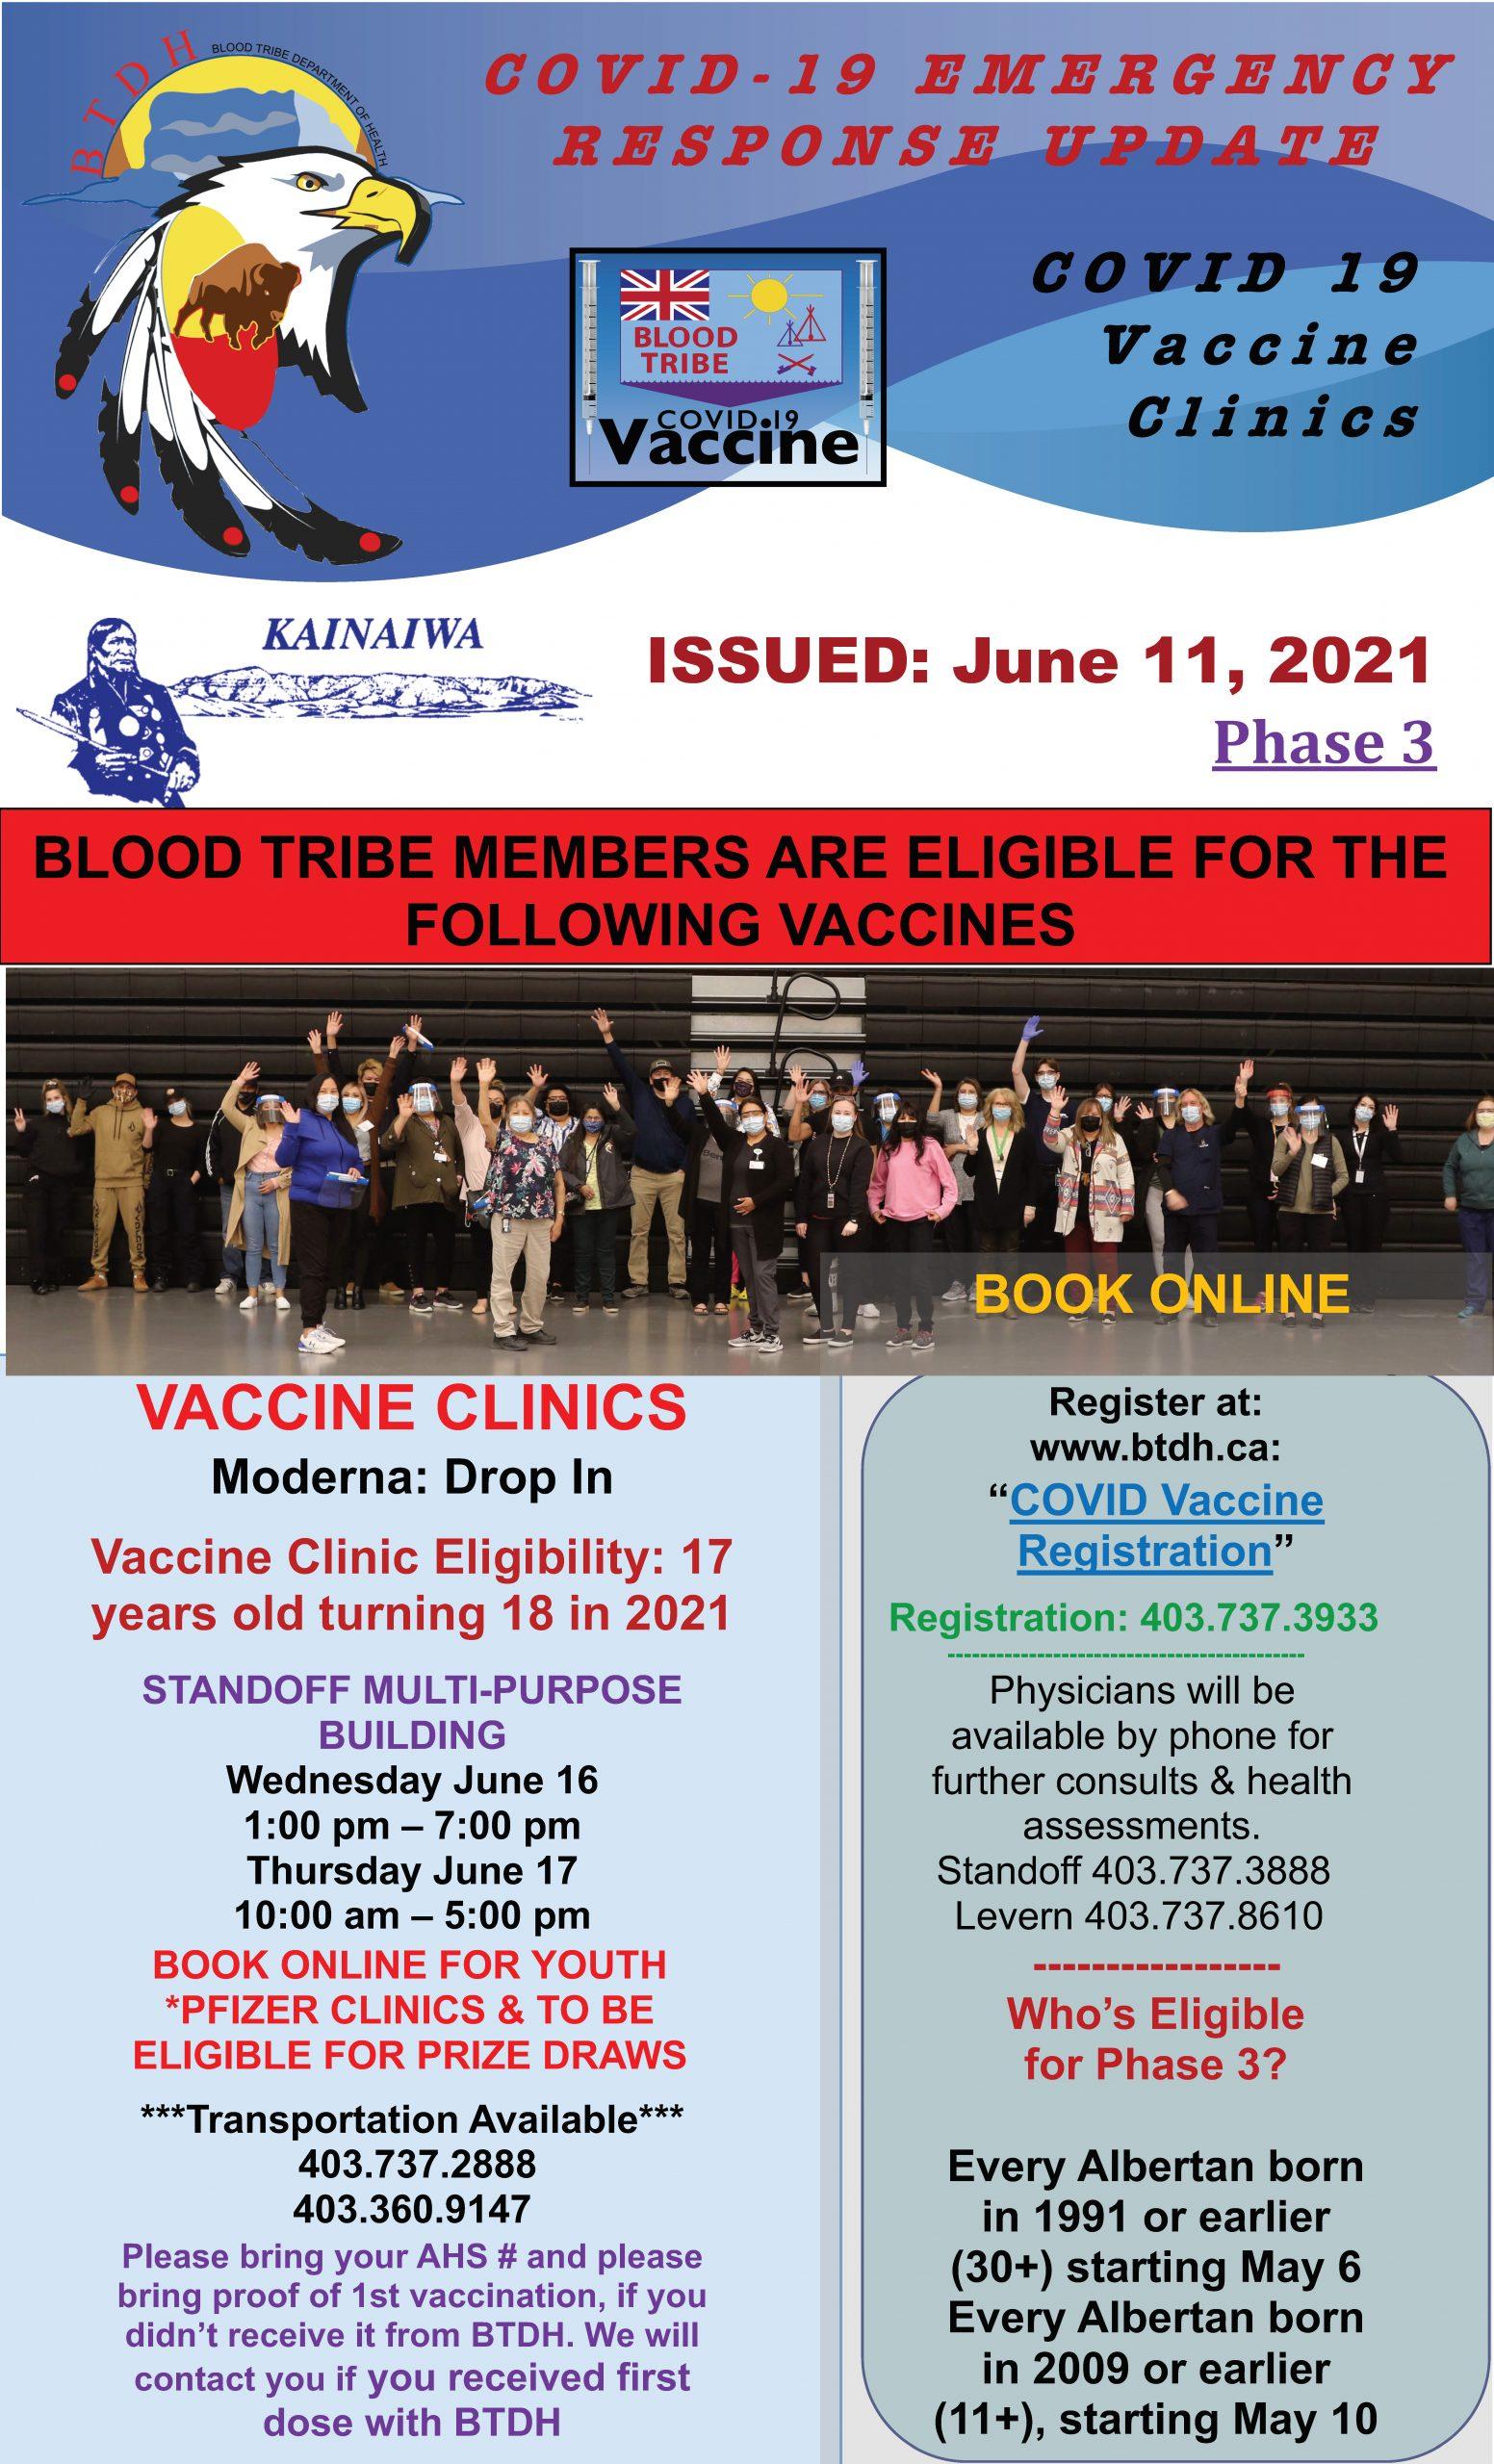 COVID-19 Vaccine Clinic Update - June 11, 2021